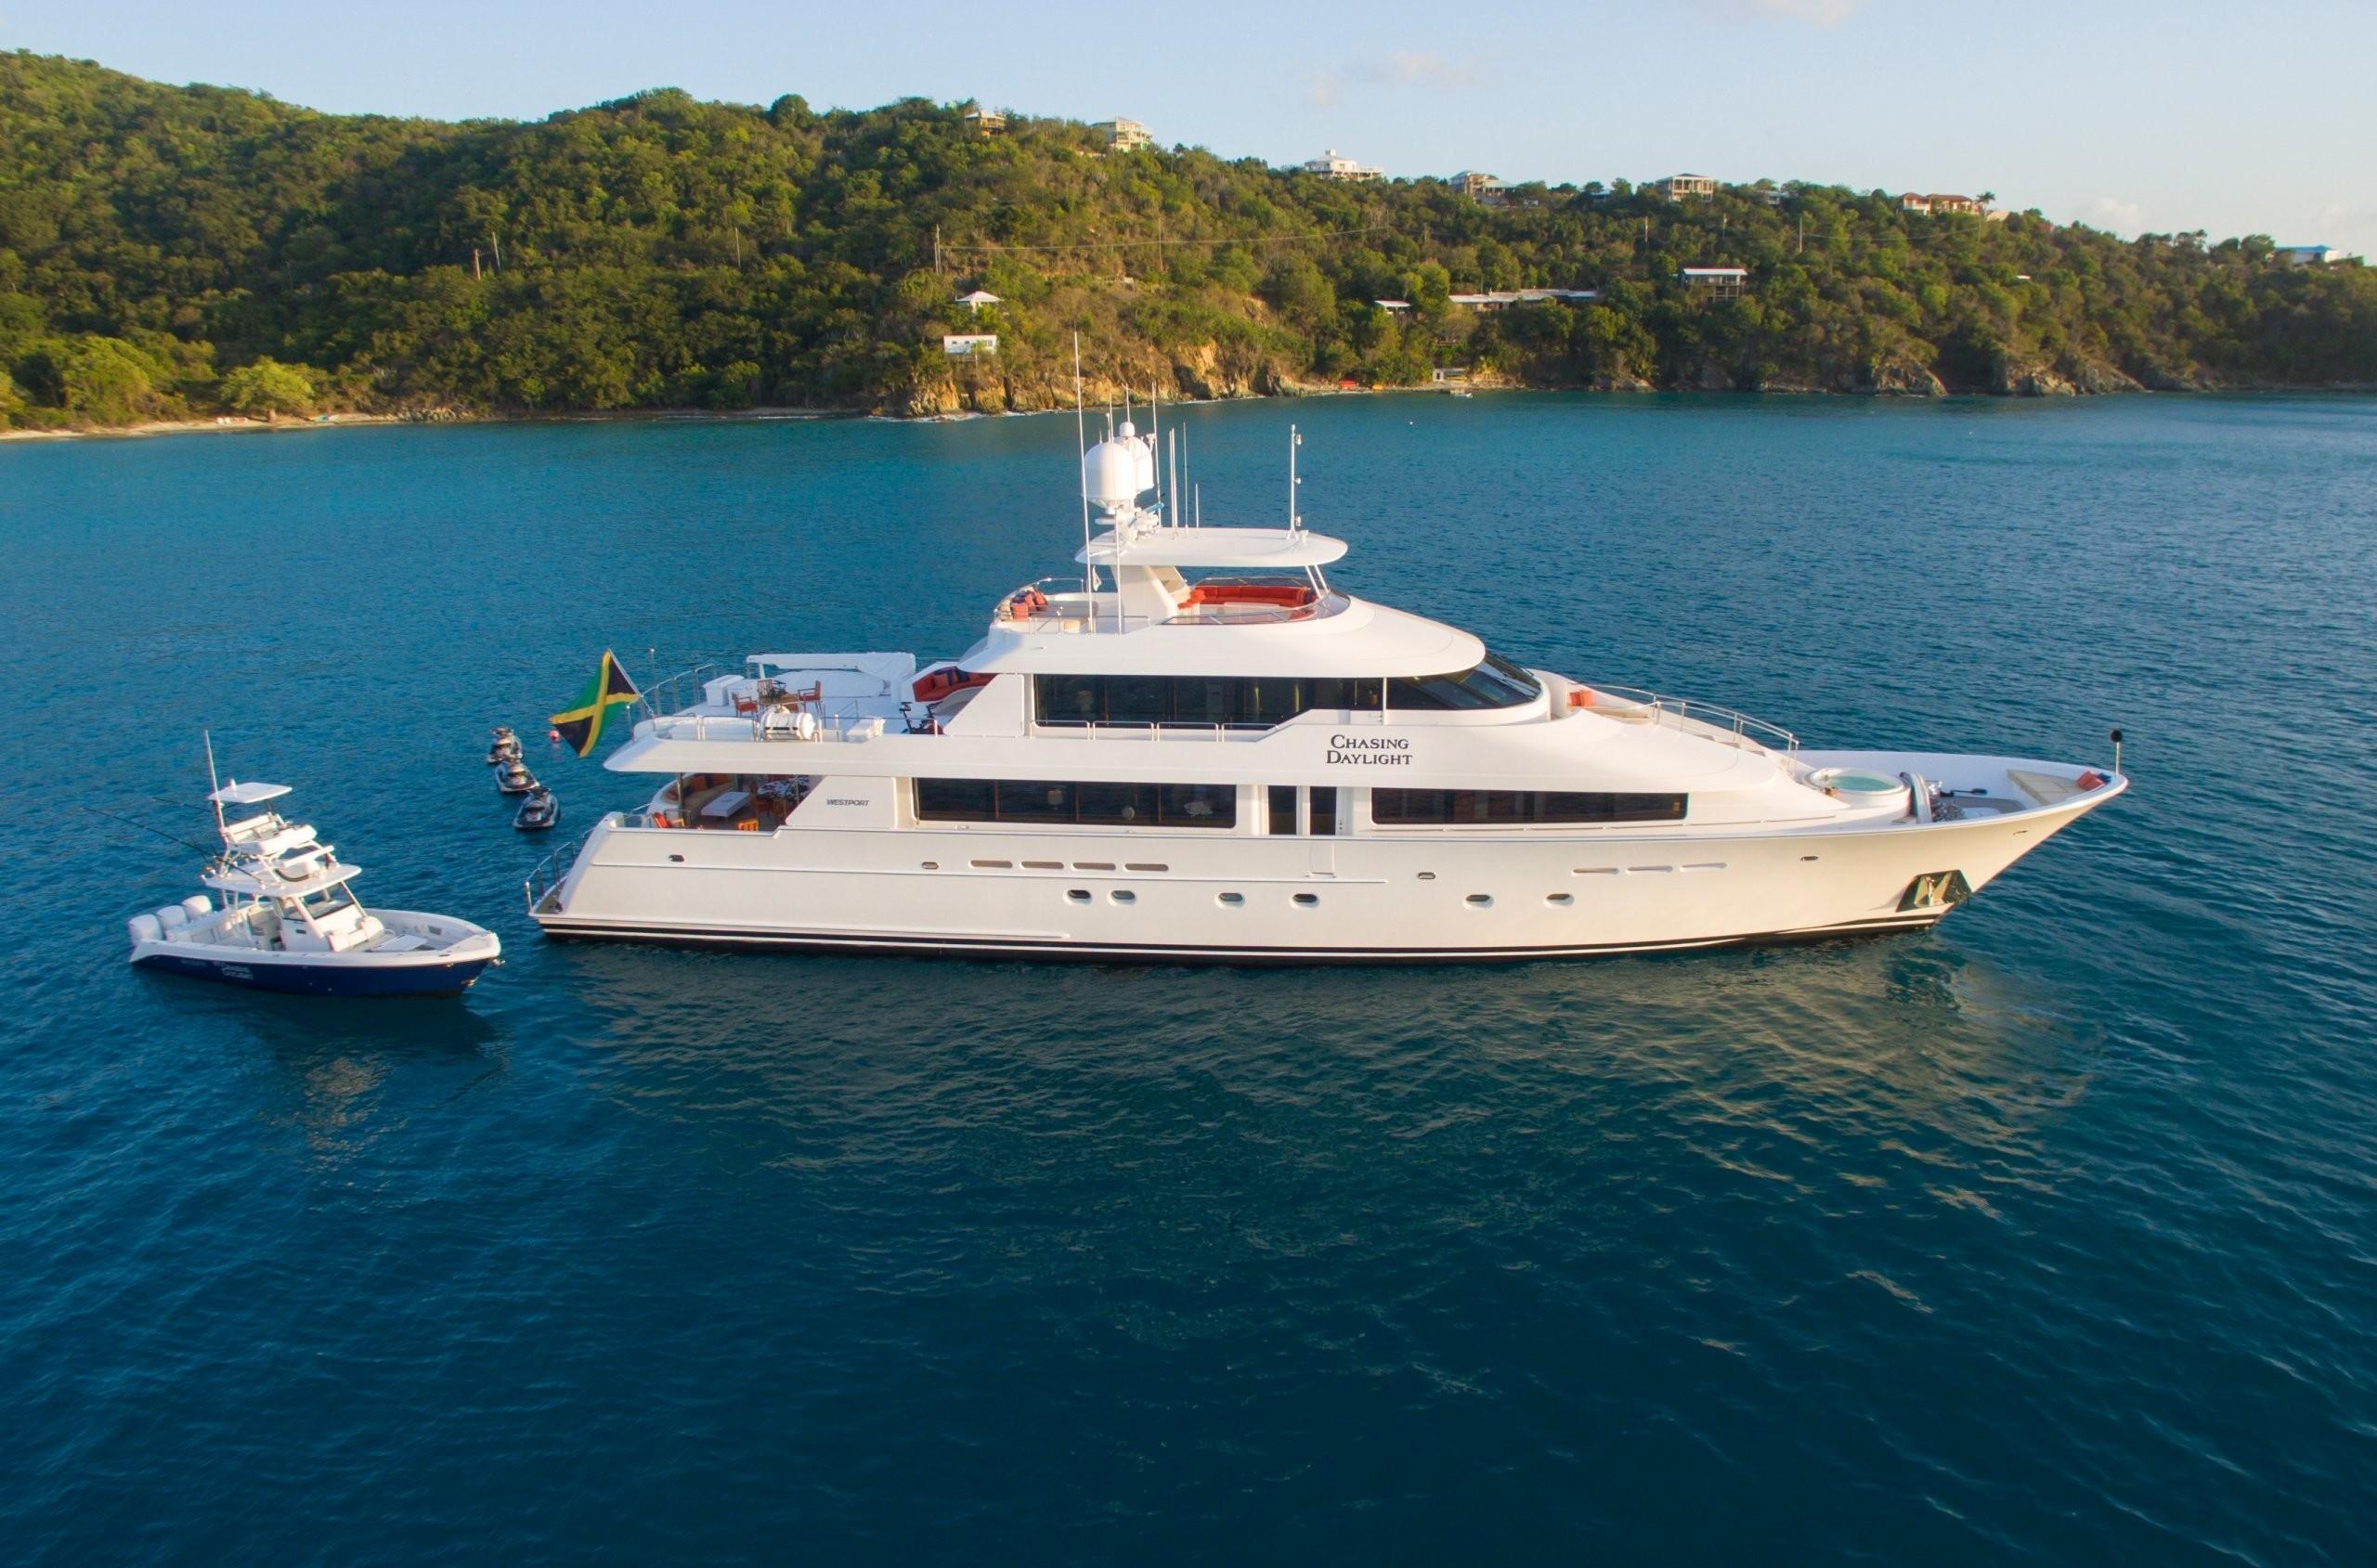 The 40m Yacht CHASING DAYLIGHT